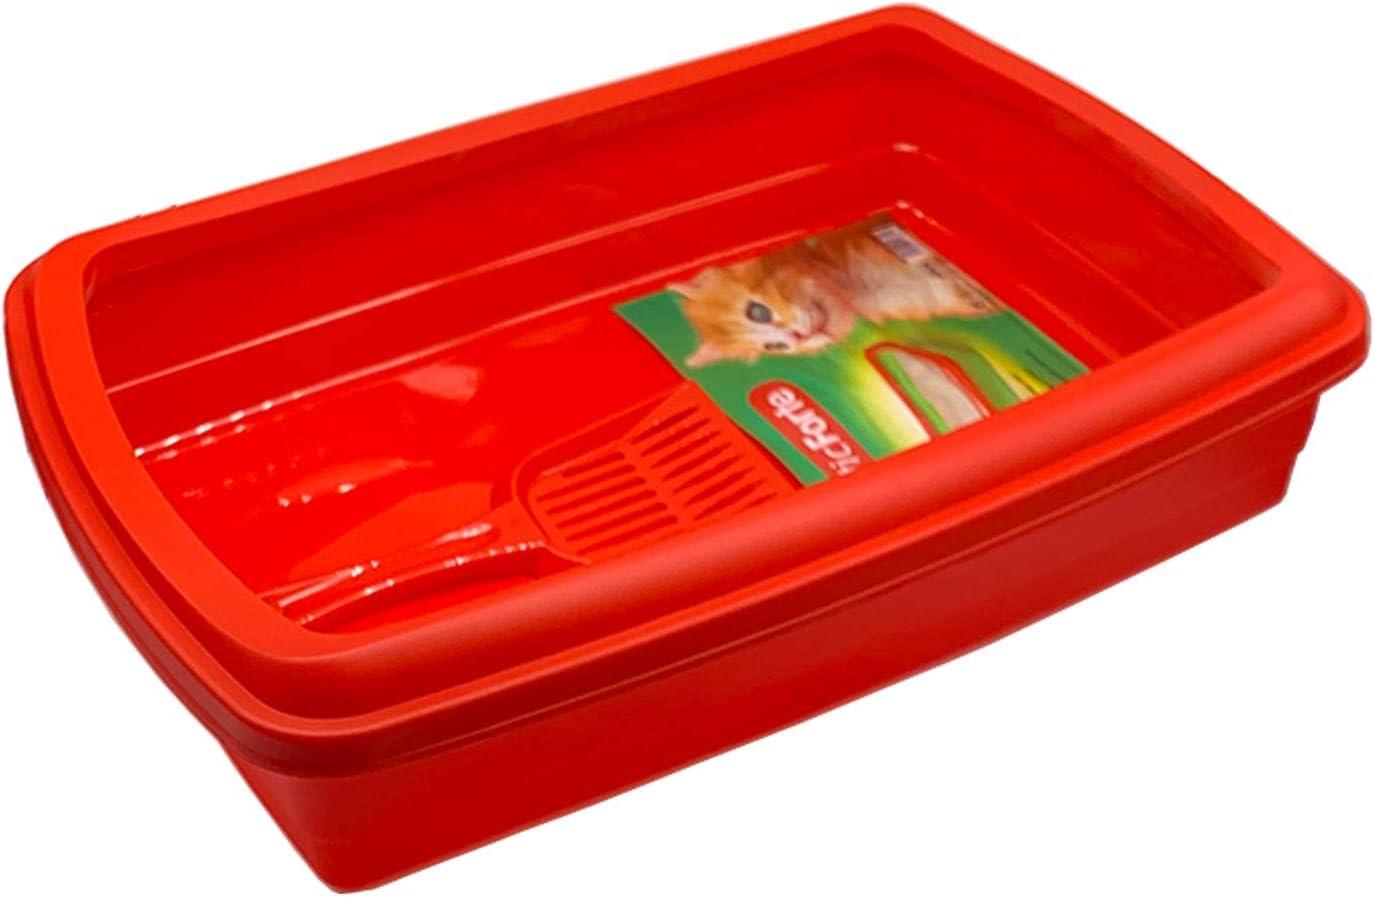 Bandeja para Gatos 47 x 31 x 11cm, Productos para Mascotas, Arena y Limpieza del hogar, arenero de Gato con Pala (Rojo)